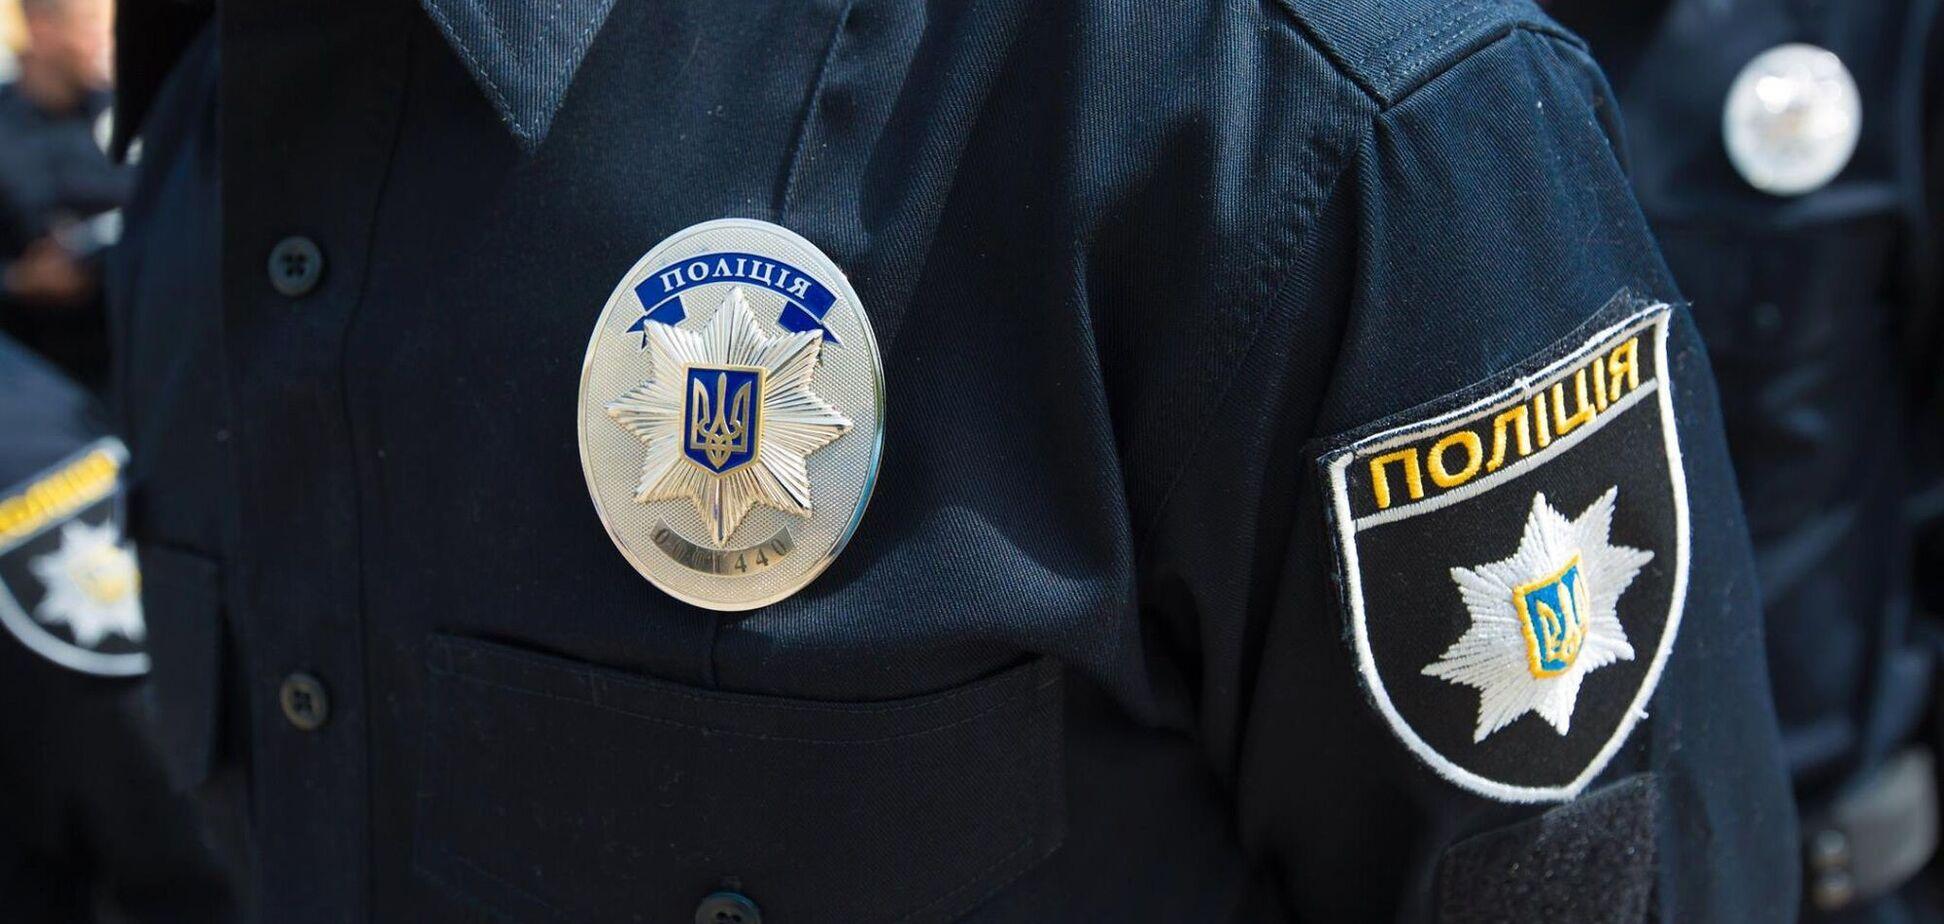 Обставини трагедії встановить поліція